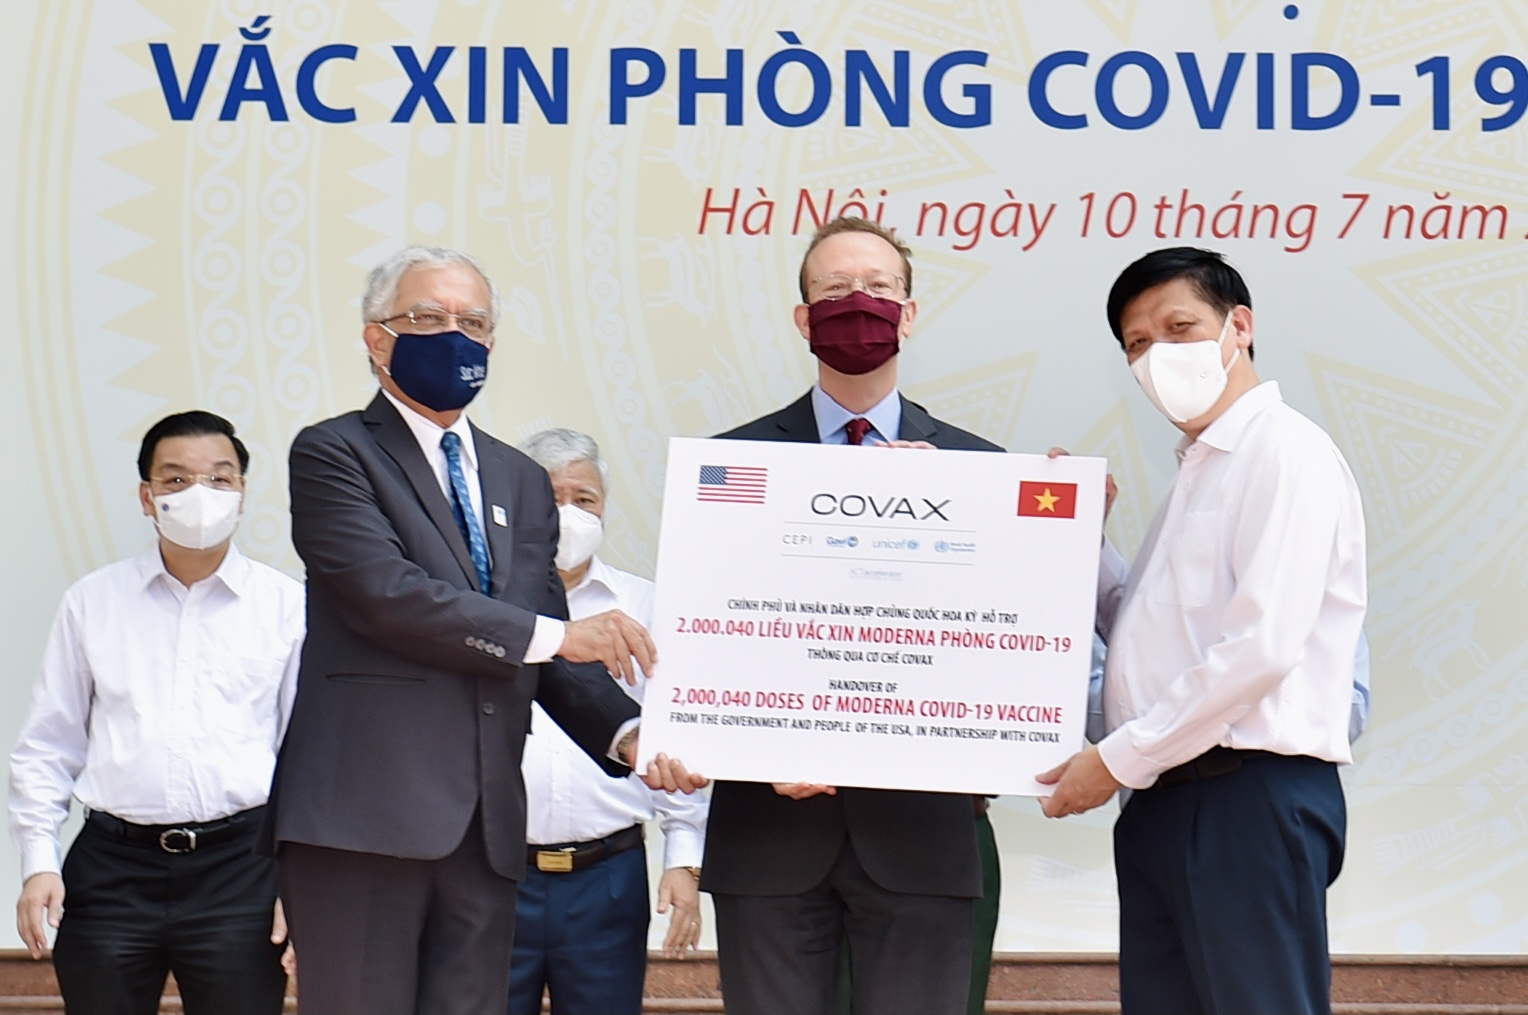 Thay mặt Chính phủ Việt Nam, Bộ trưởng Bộ Y tế Nguyễn Thanh Long tiếp nhận 2 triệu liều vaccine này để sử dụng khẩn cấp cho chiến dịch tiêm vaccine phòng COVID-19. Trong đó, Bộ trưởng chỉ đạo chuyển khẩn cấp 1 triệu liều cho TPHCM. Ảnh: VGP/Nhật Bắc